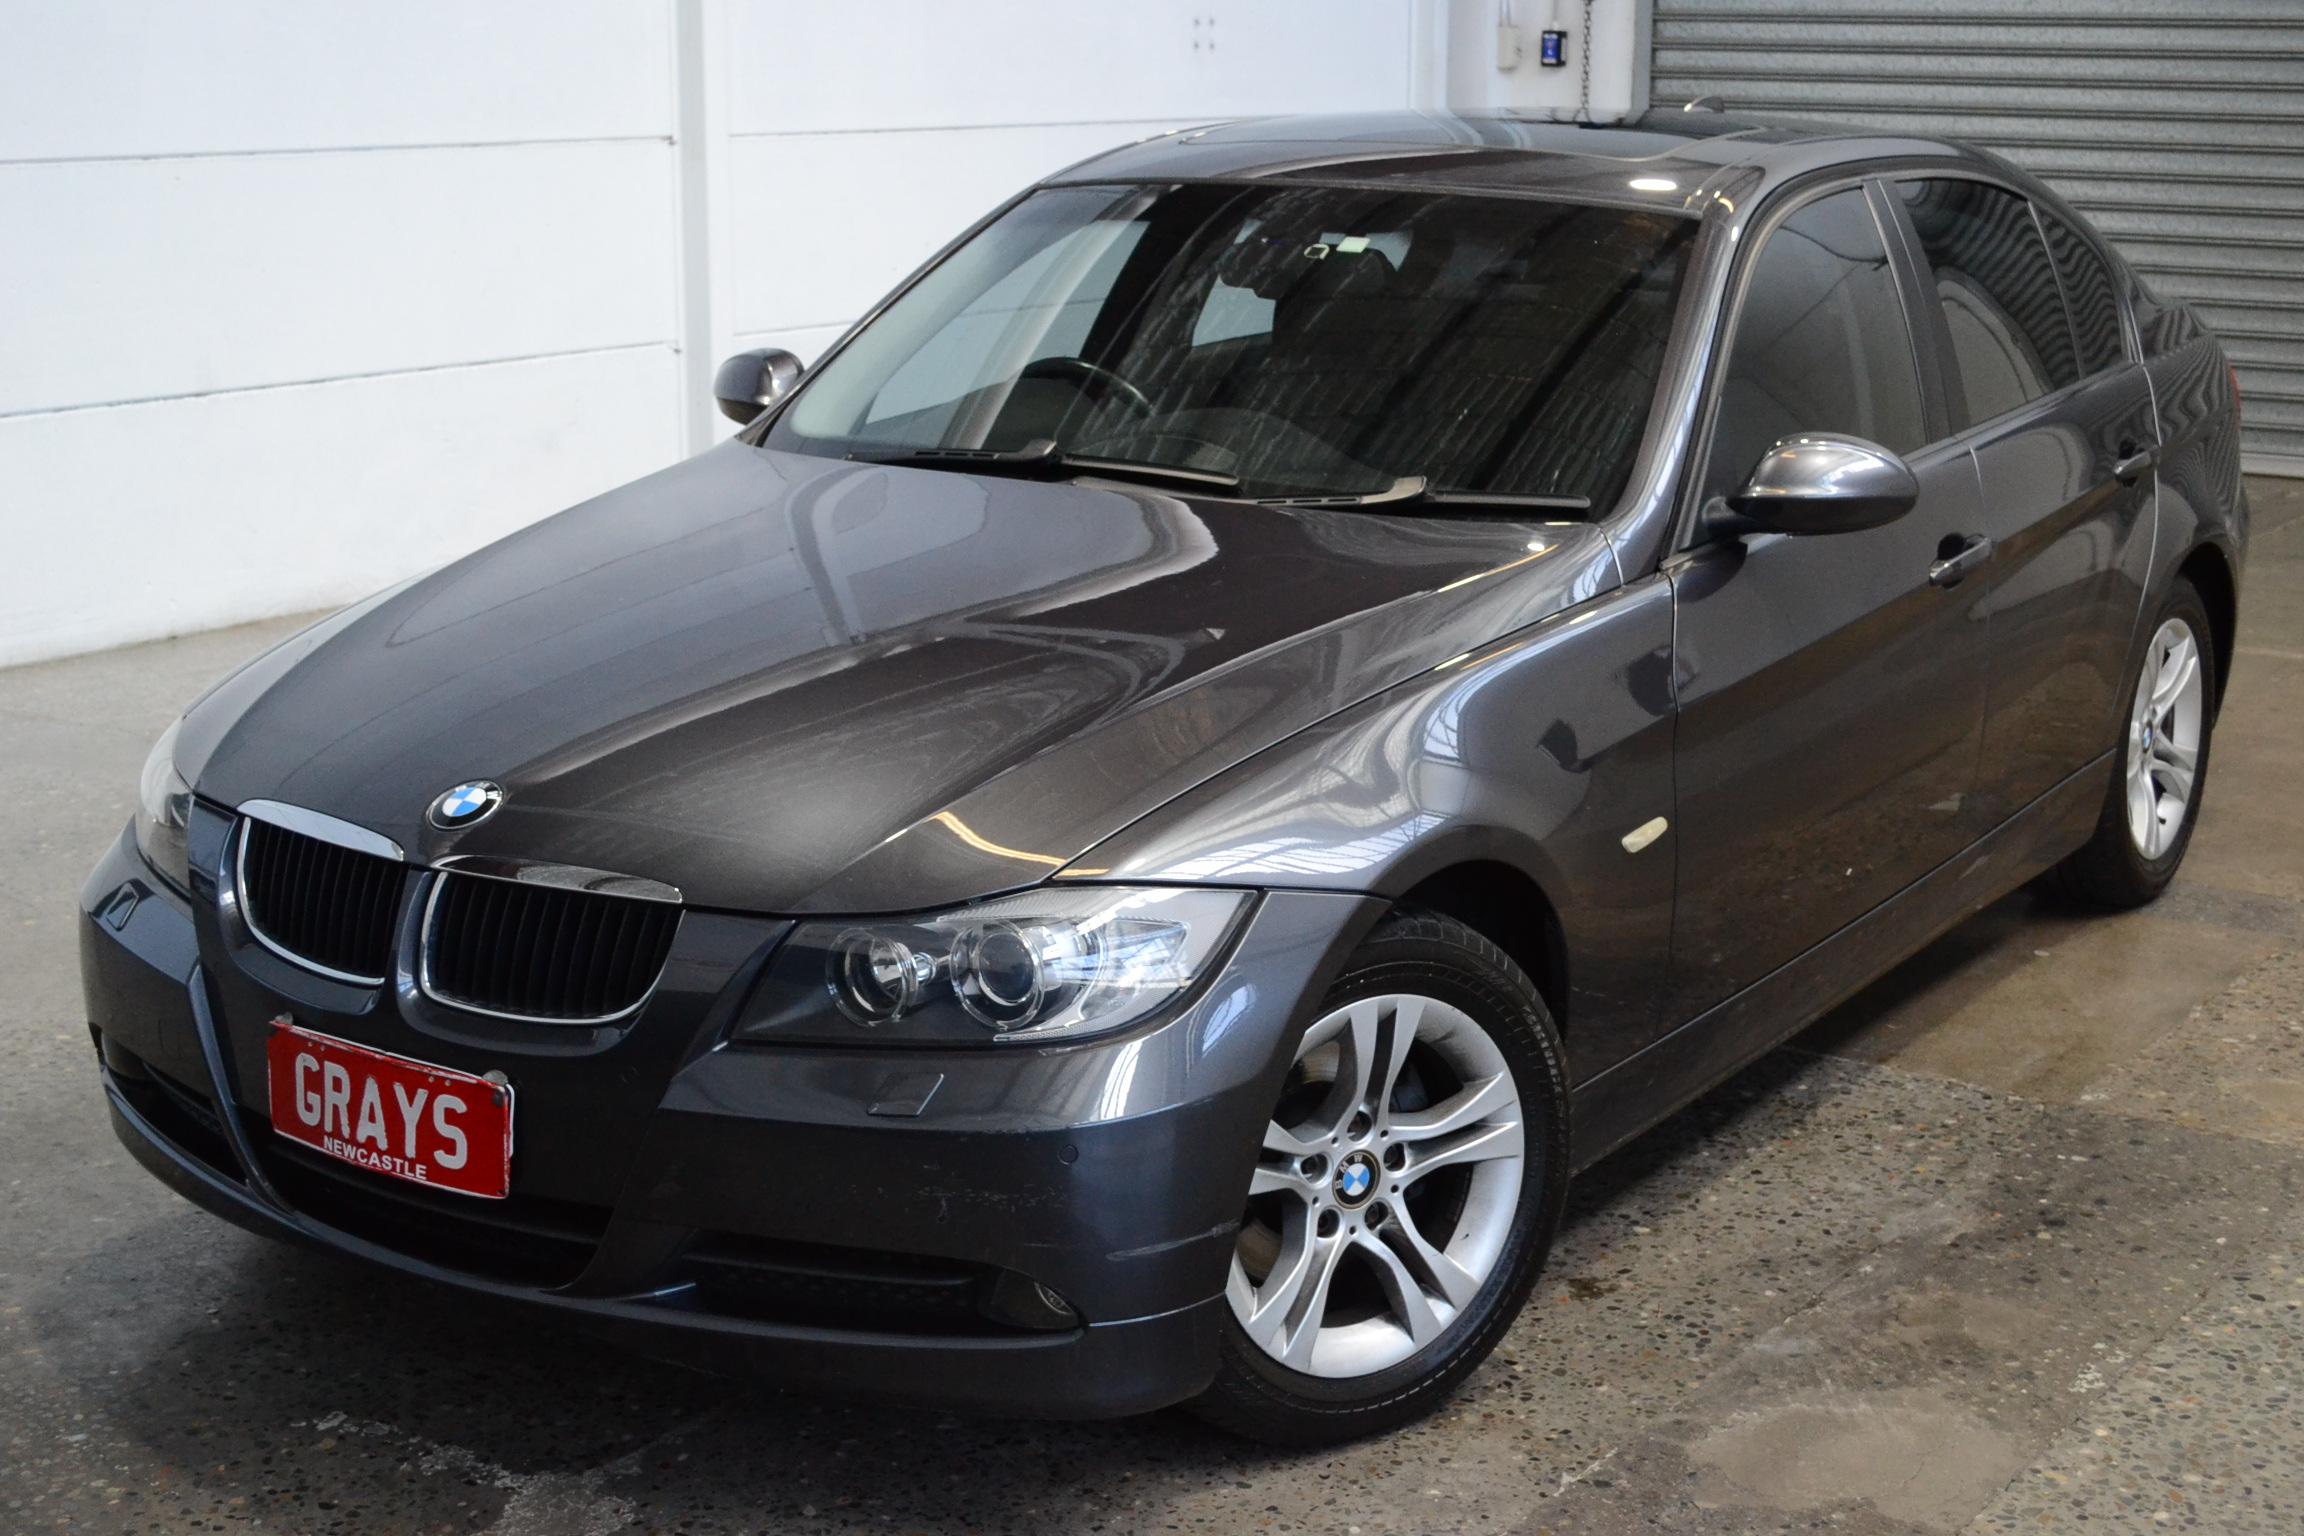 2008 BMW 3 20i Executive E90 Automatic Sedan